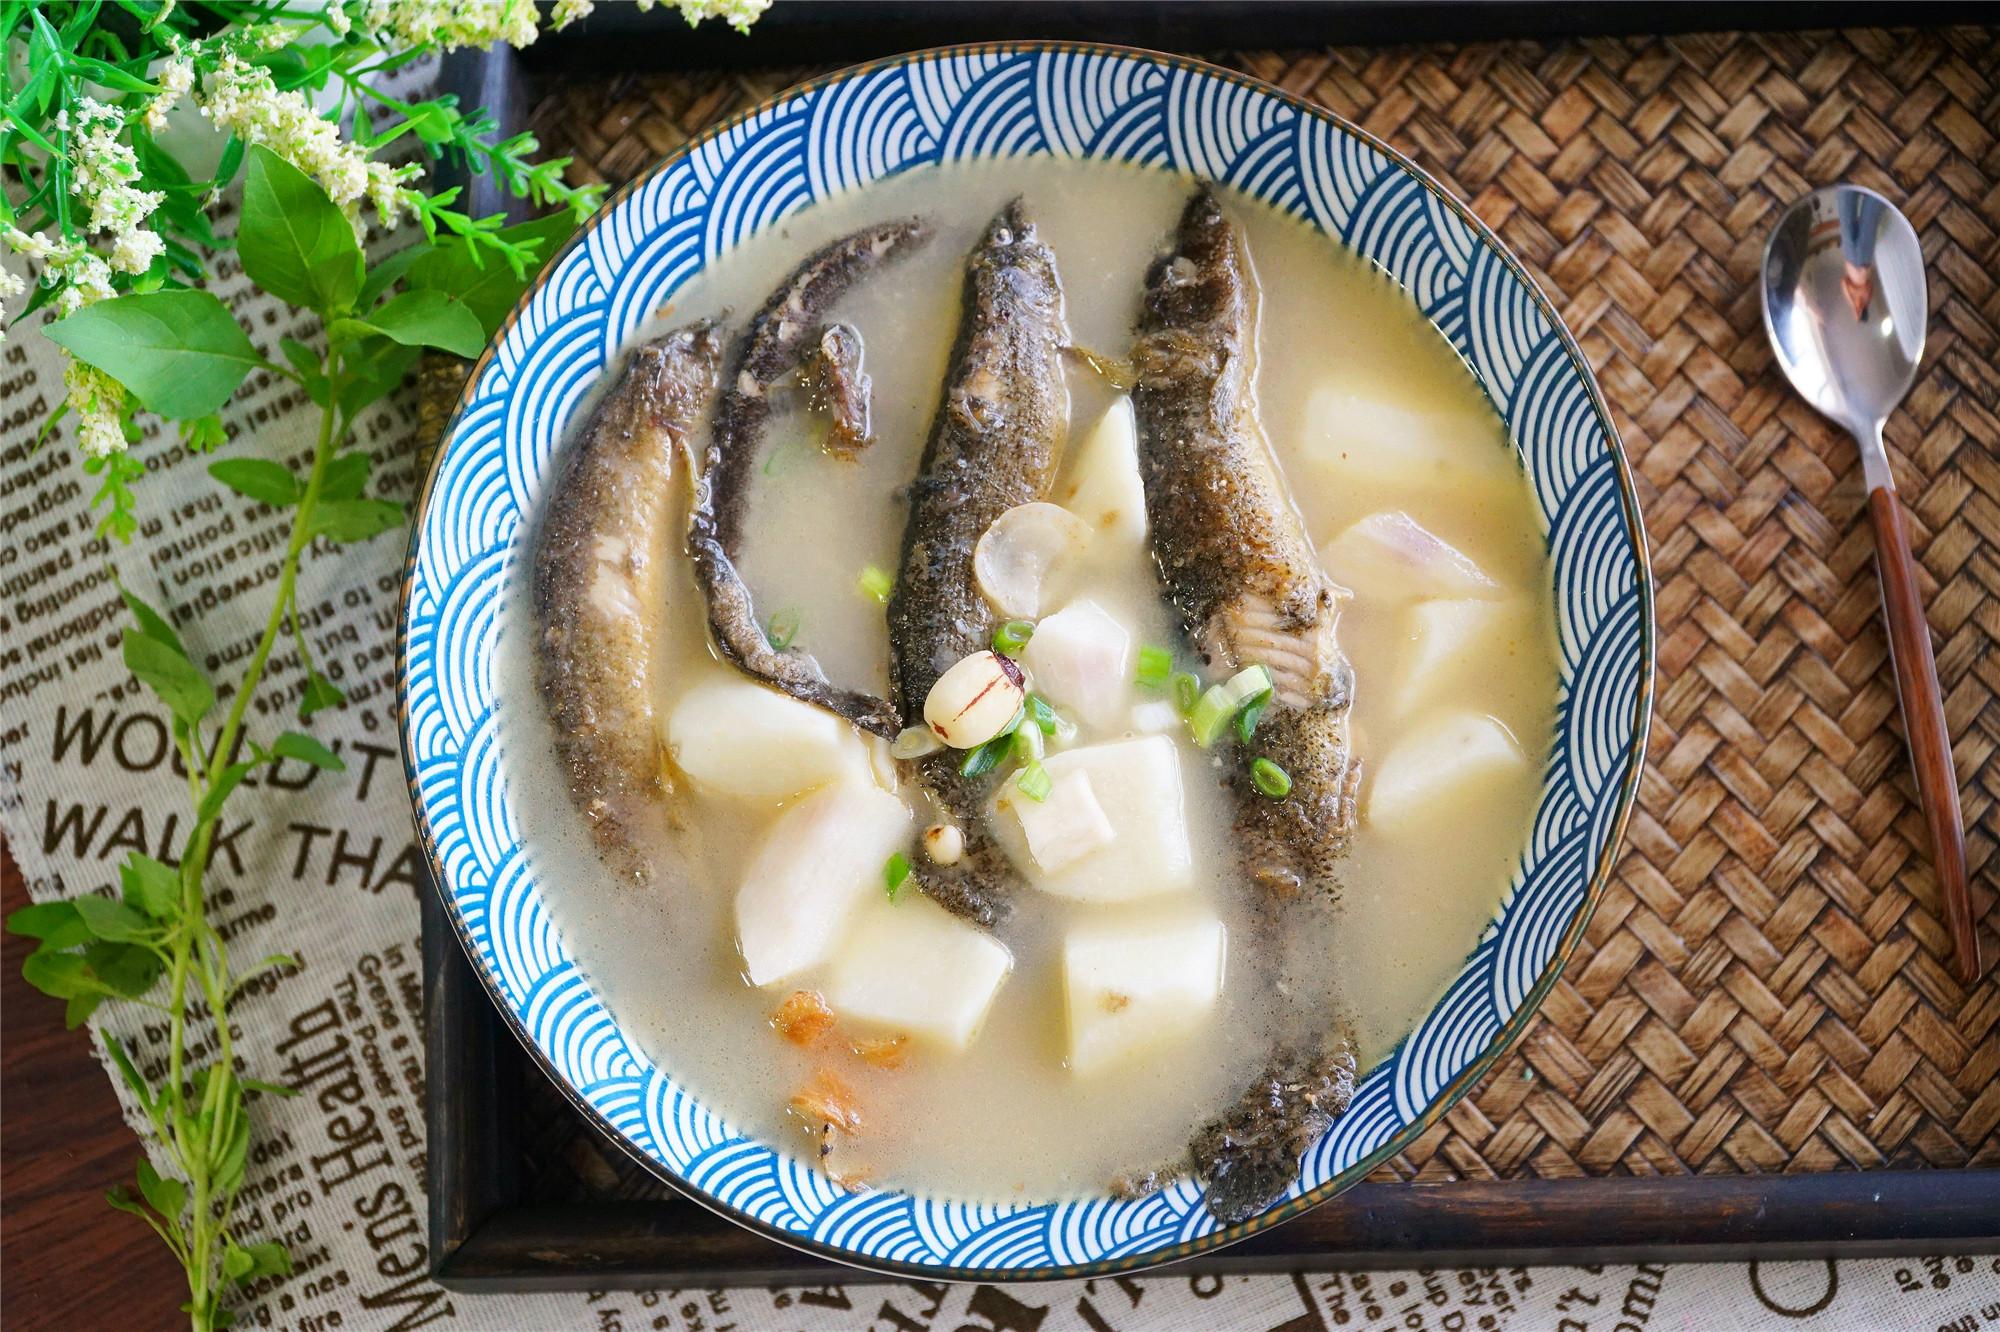 天熱多喝湯,6道適合夏季喝的時令湯,葷素搭配,收藏好過夏天